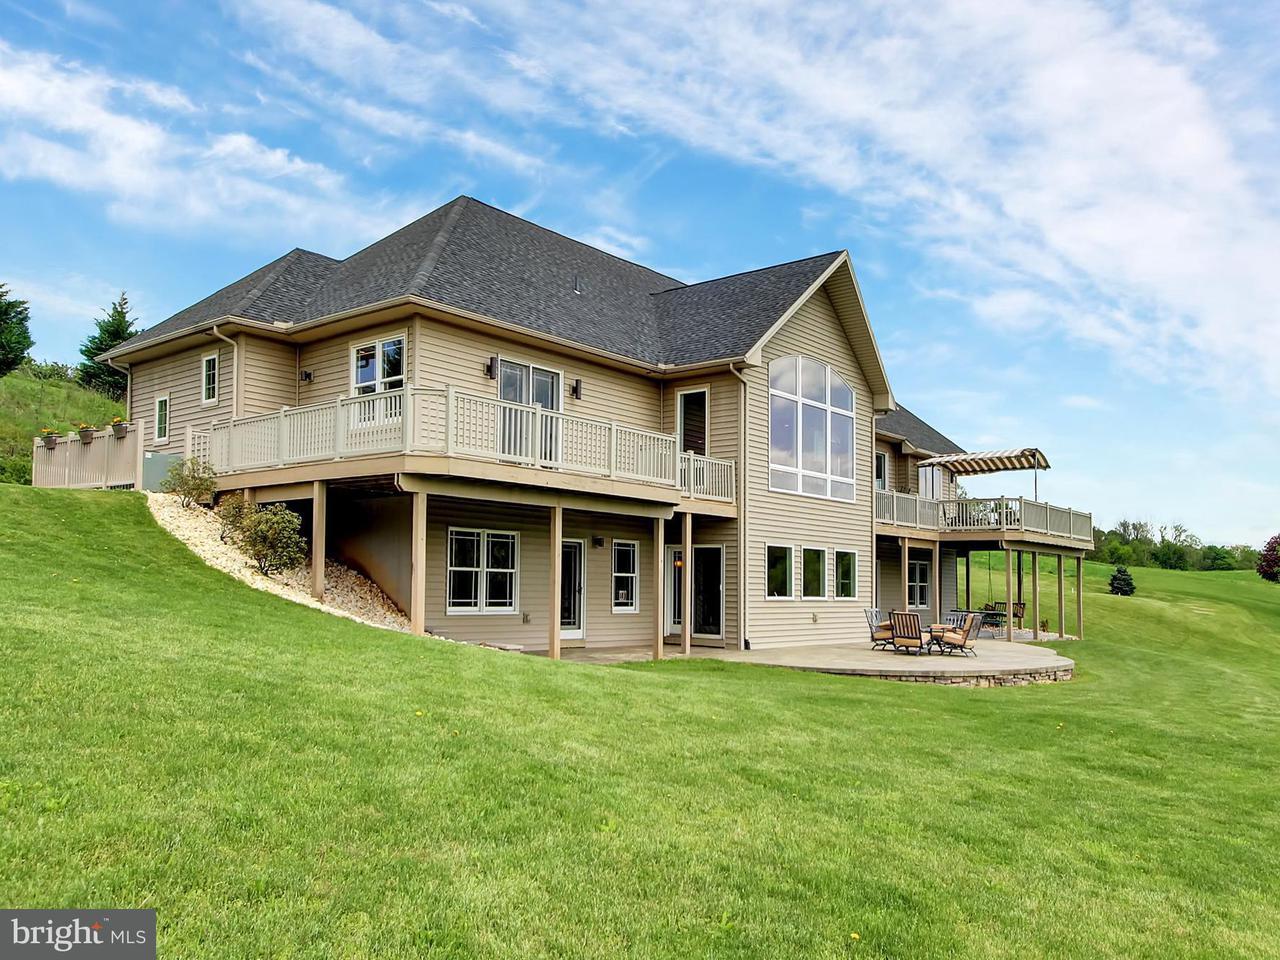 Μονοκατοικία για την Πώληση στο 267 Mt Tabor Road 267 Mt Tabor Road Gardners, Πενσιλβανια 17324 Ηνωμενεσ Πολιτειεσ